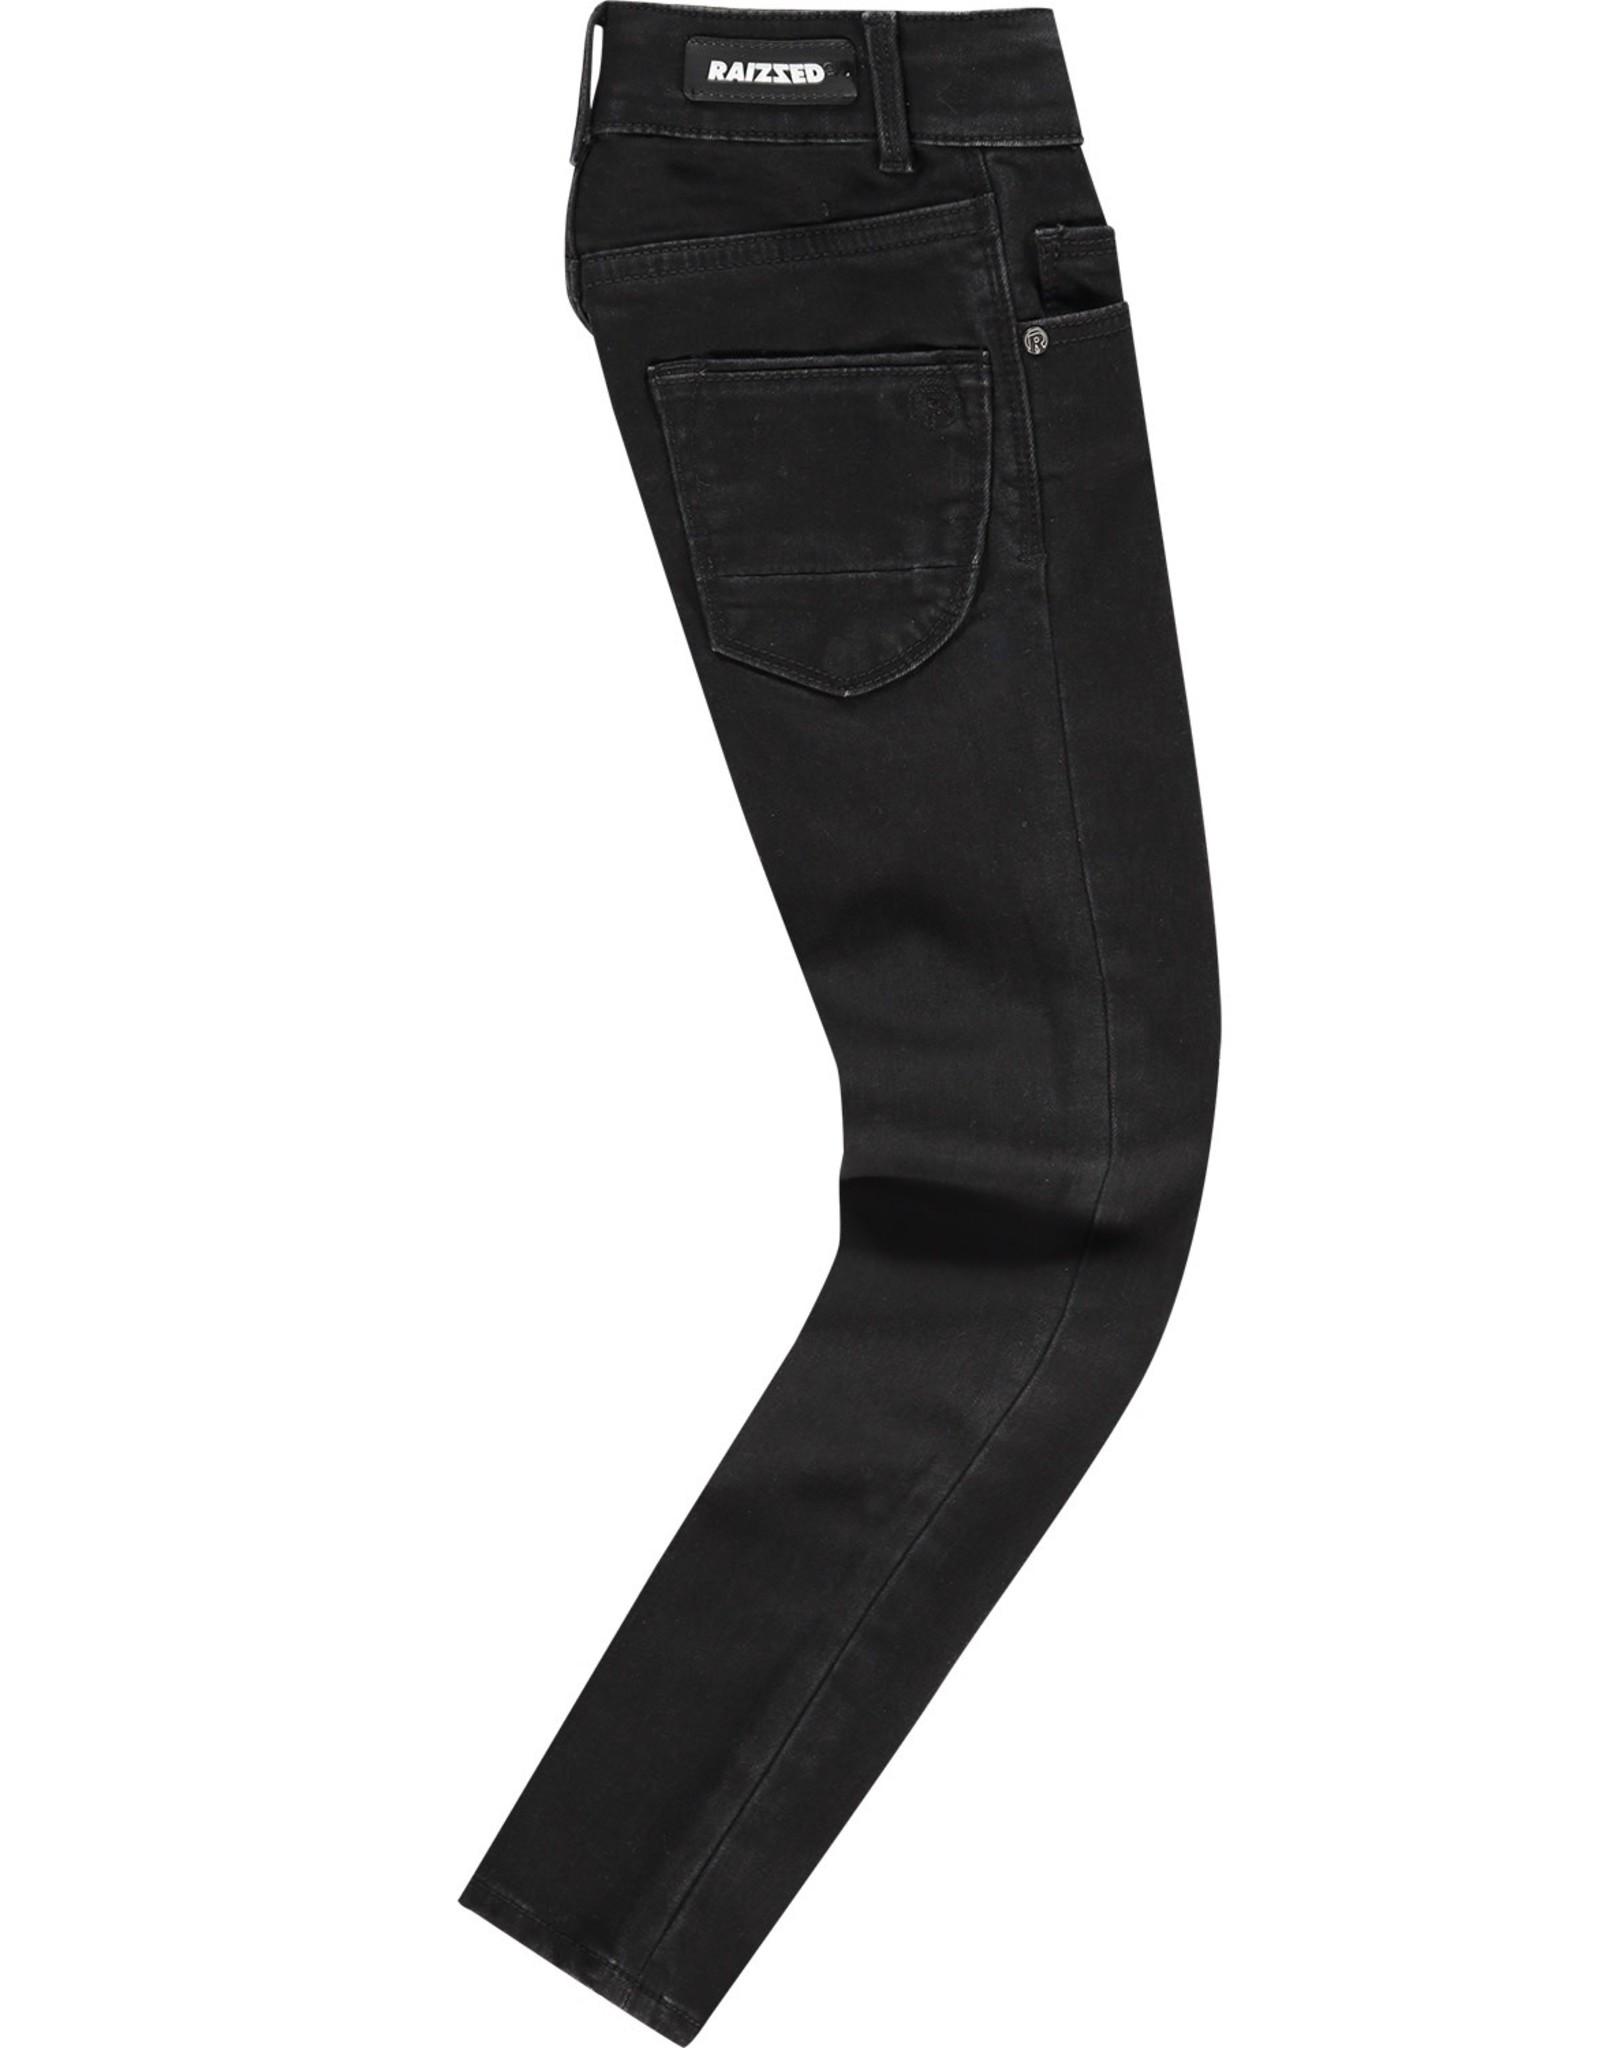 Raizzed Chelsea Jeans